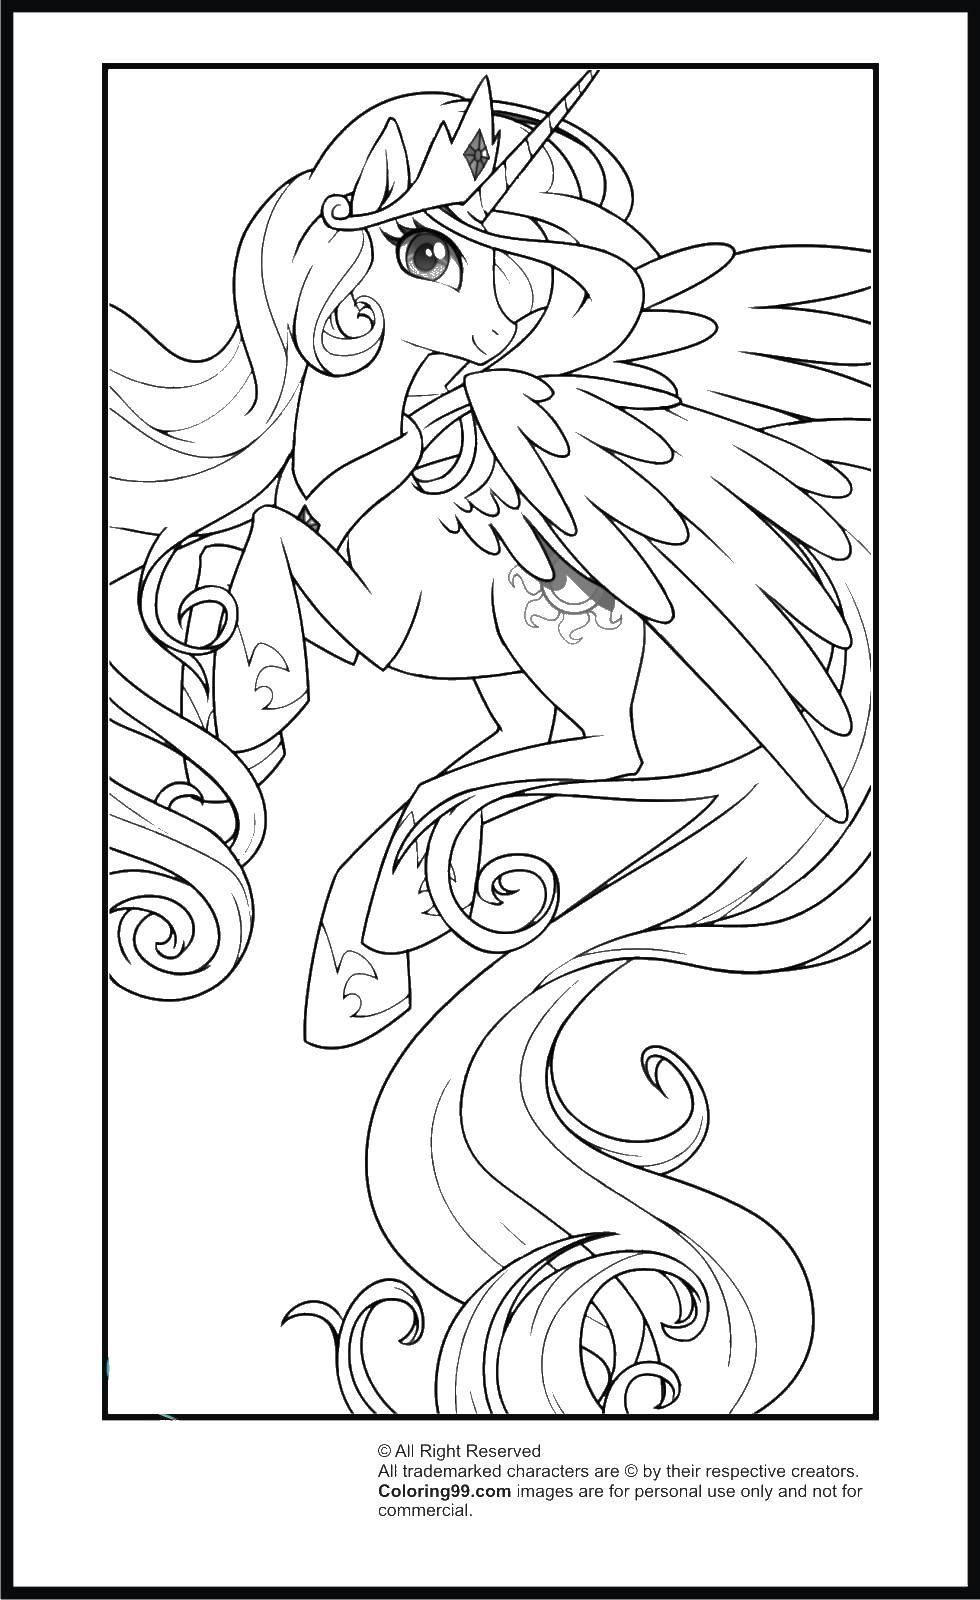 Название: Раскраска Крылатый единорог. Категория: мой маленький пони. Теги: единорог, крылья, хвост.